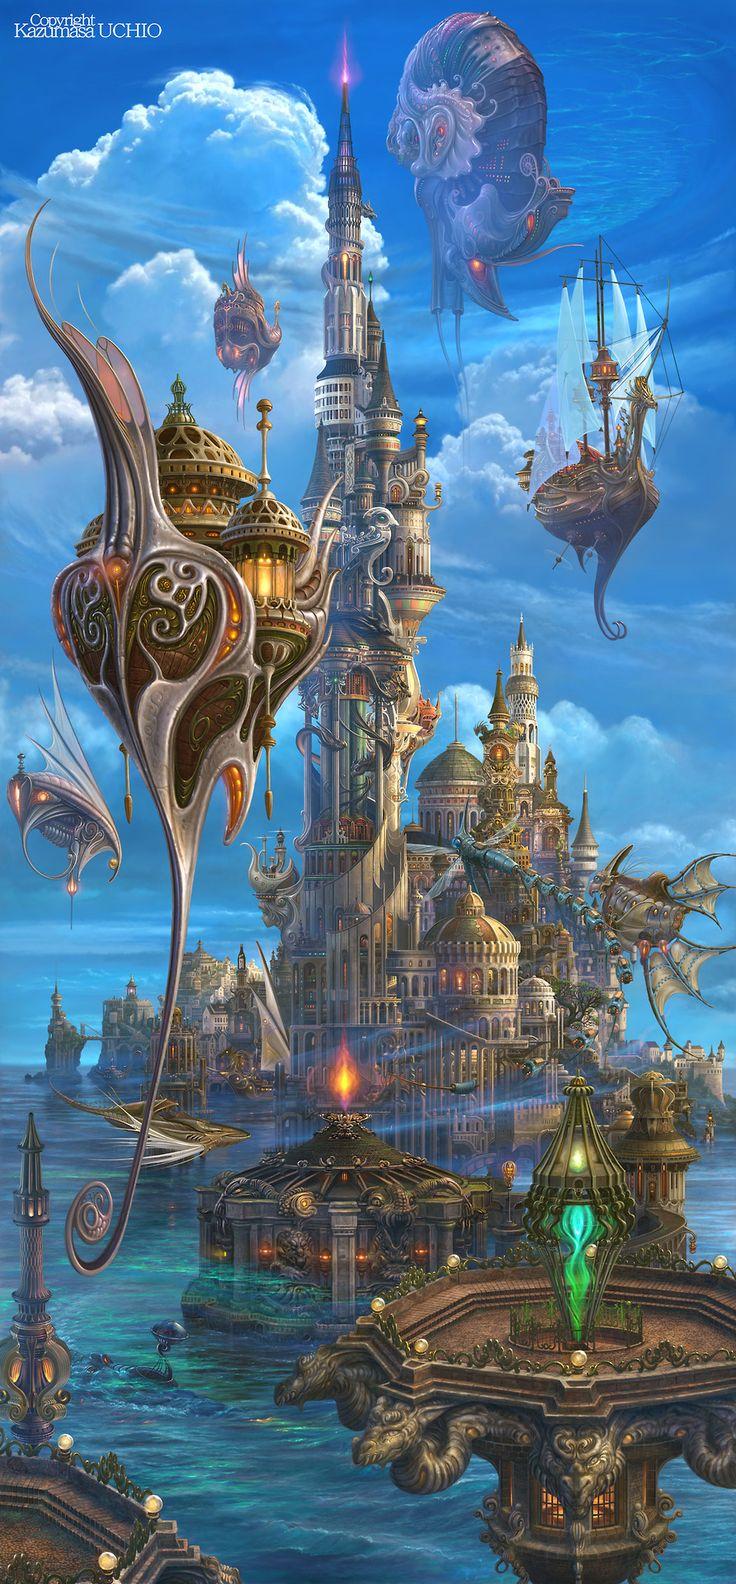 UNE GRANDE CITÉ EN MÉTAMORPHOSE D'UN MONDE DE L'ATLANTIS & les sentinelles baignent dans la lumière ... Art par Kasumasa Uchio